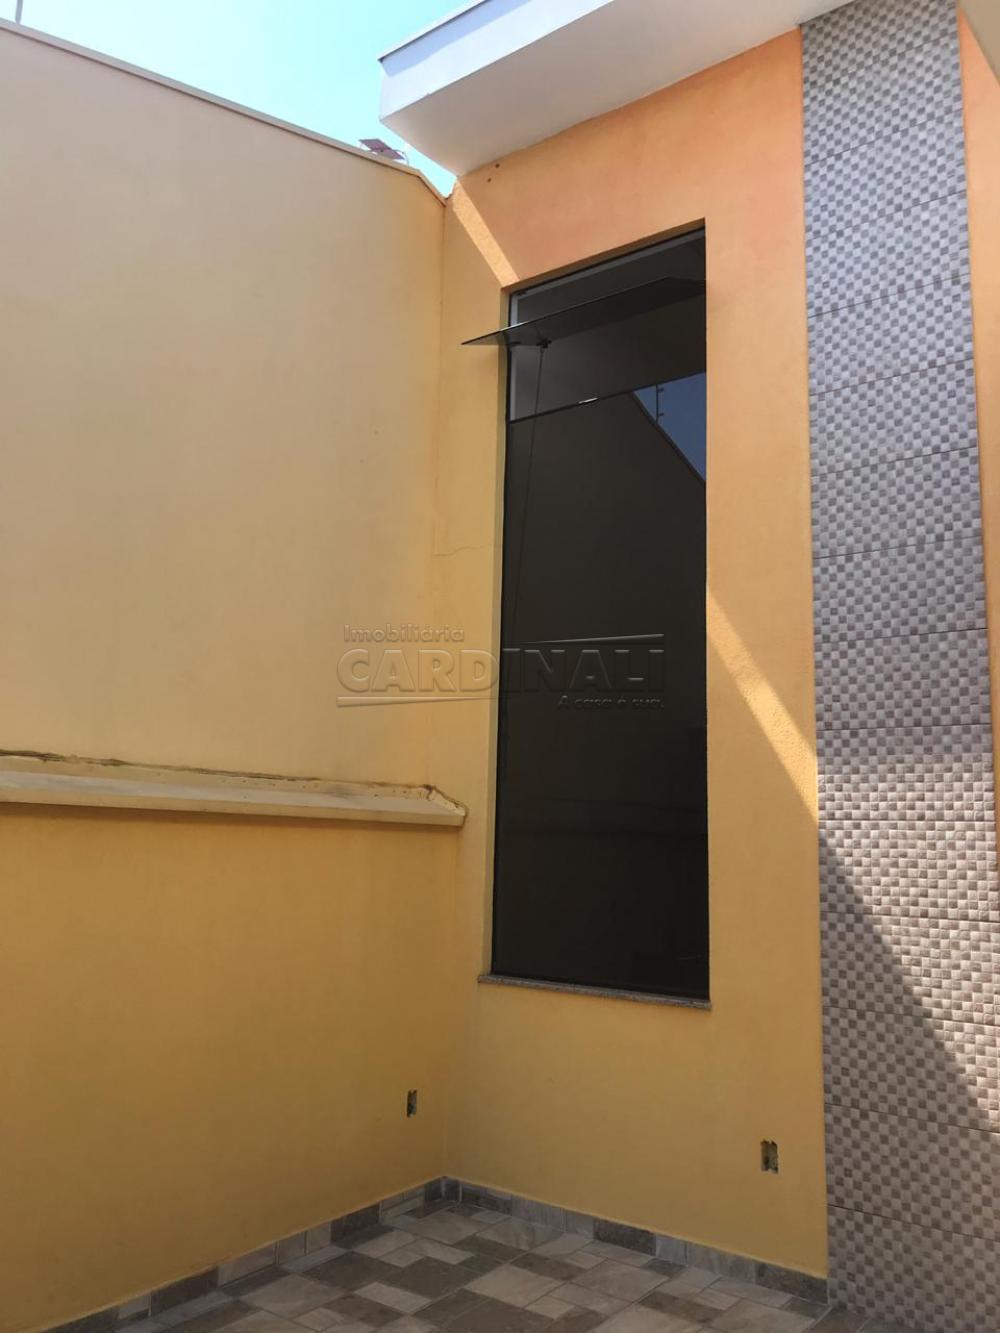 Comprar Casa / Padrão em São Carlos R$ 500.000,00 - Foto 3